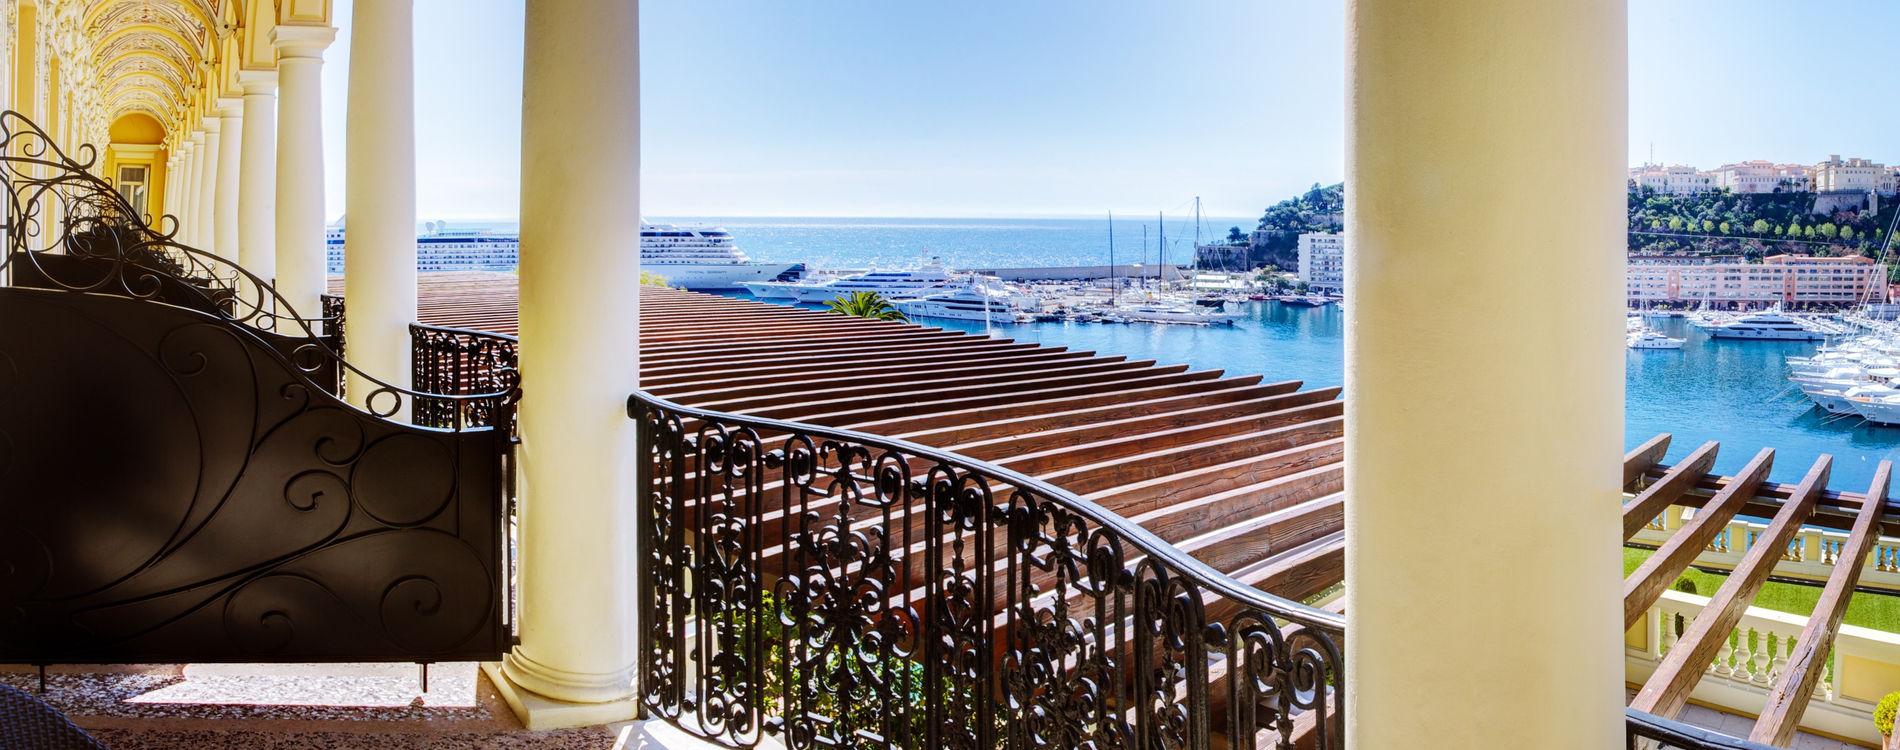 Hôtel Hermitage - Chambre Exclusive - Vue mer avec terrasse